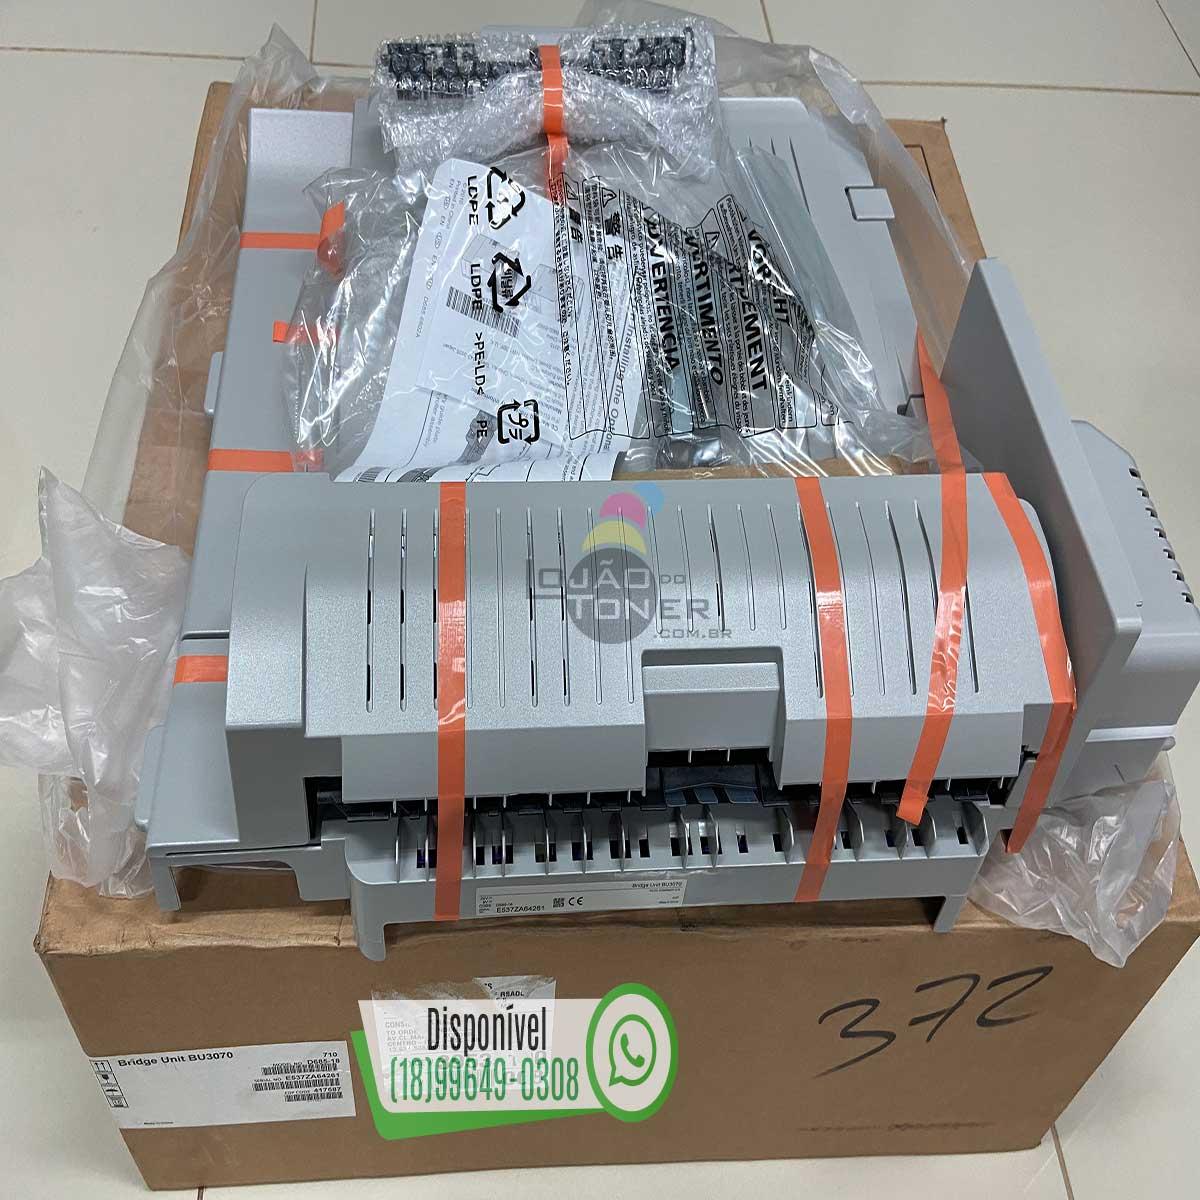 Finalizador da Bandeja (BU3070 / 417587 ) Ricoh - Original